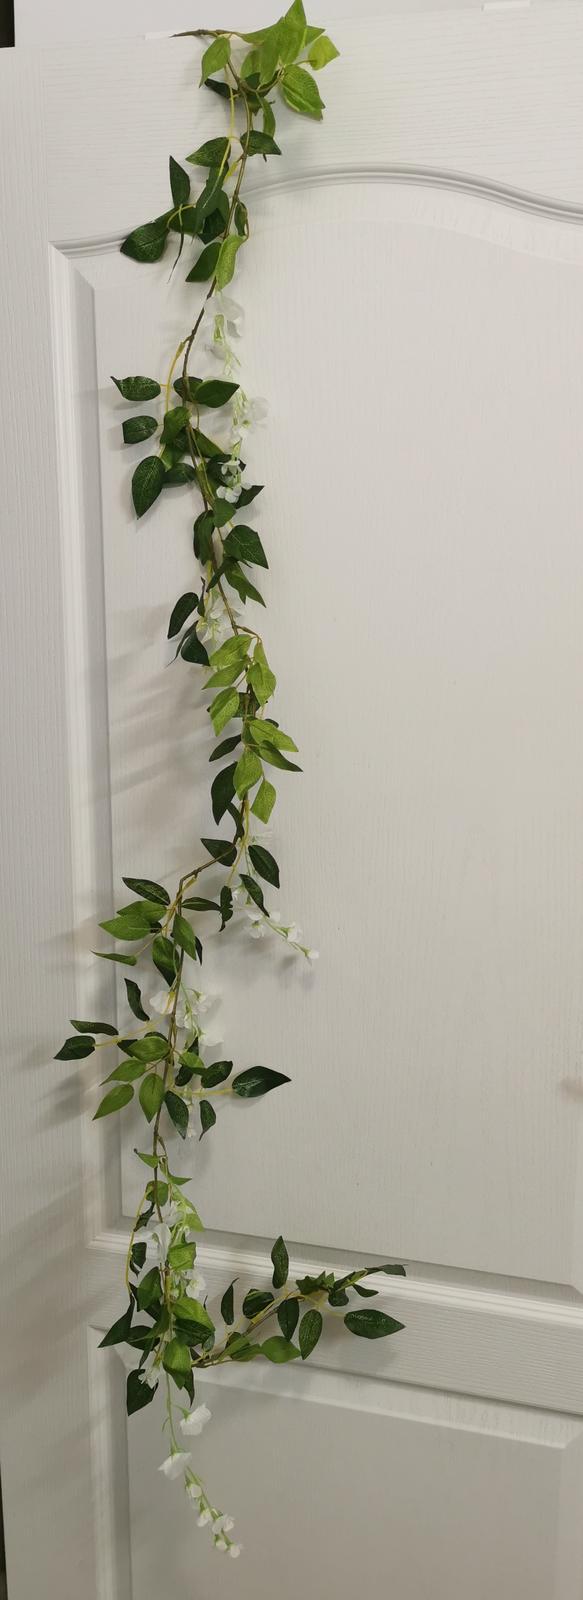 umele kvety visteria - Obrázok č. 1